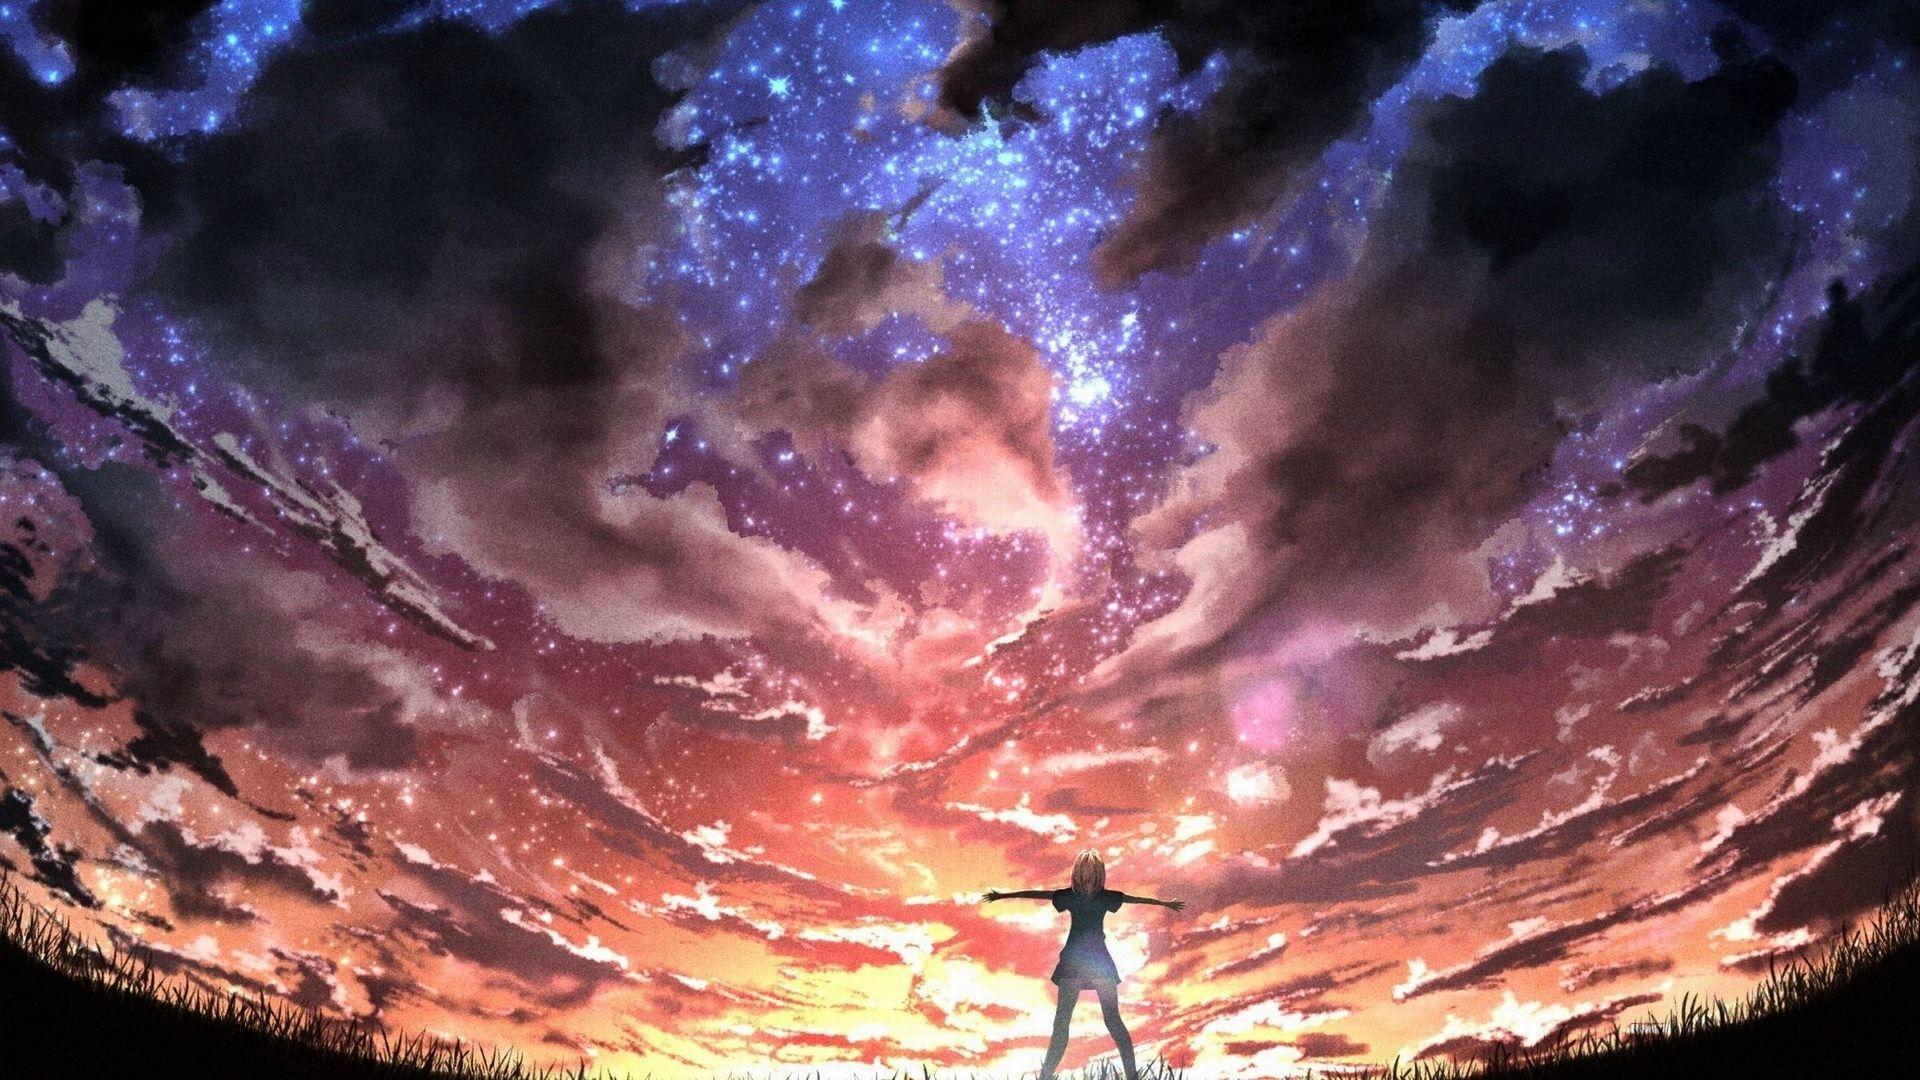 Res 1920x1080, anime wallpaper 4k 98 261 Seni, Animasi